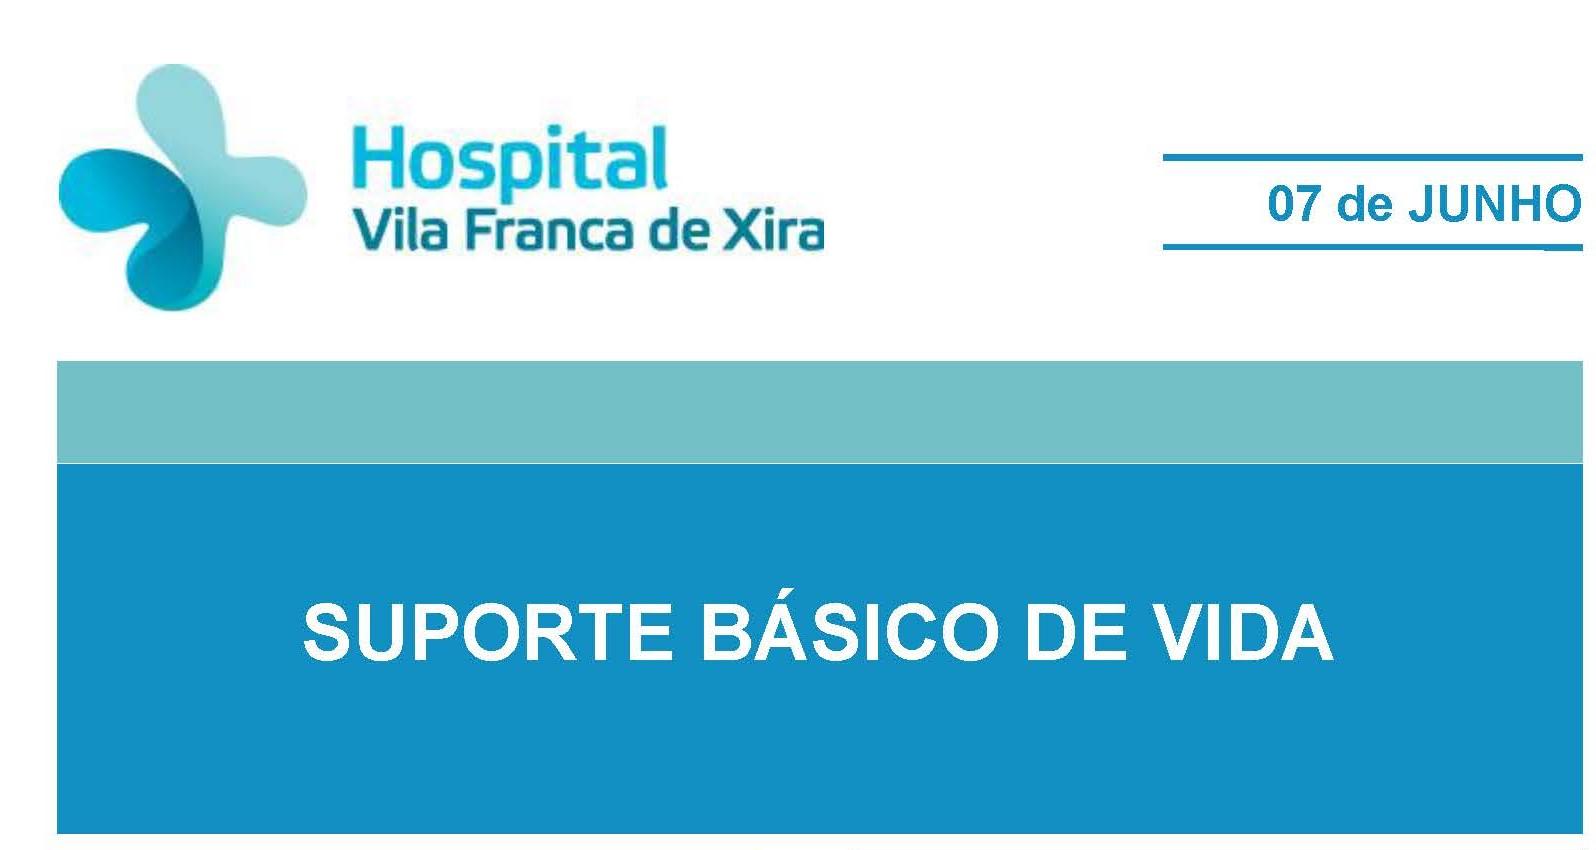 hospital-de-vila-franca-de-xira-Suporte Básico de Vida